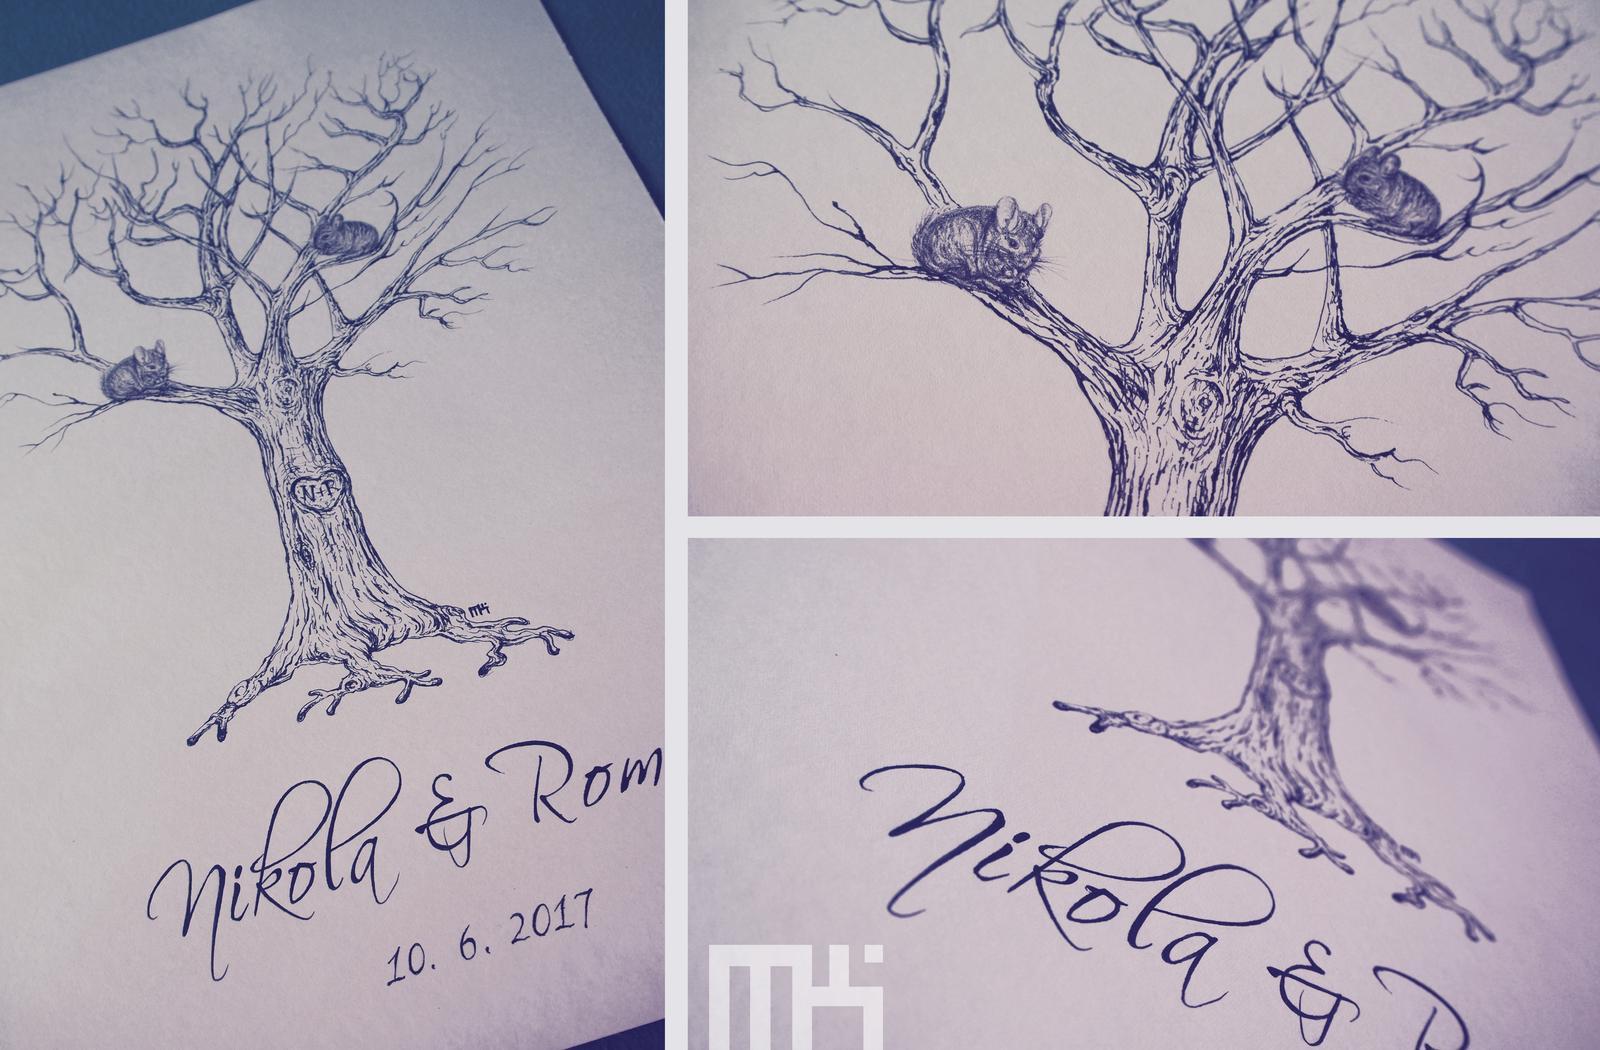 Nejlepší stromy jsou personalisované... - Obrázek č. 1